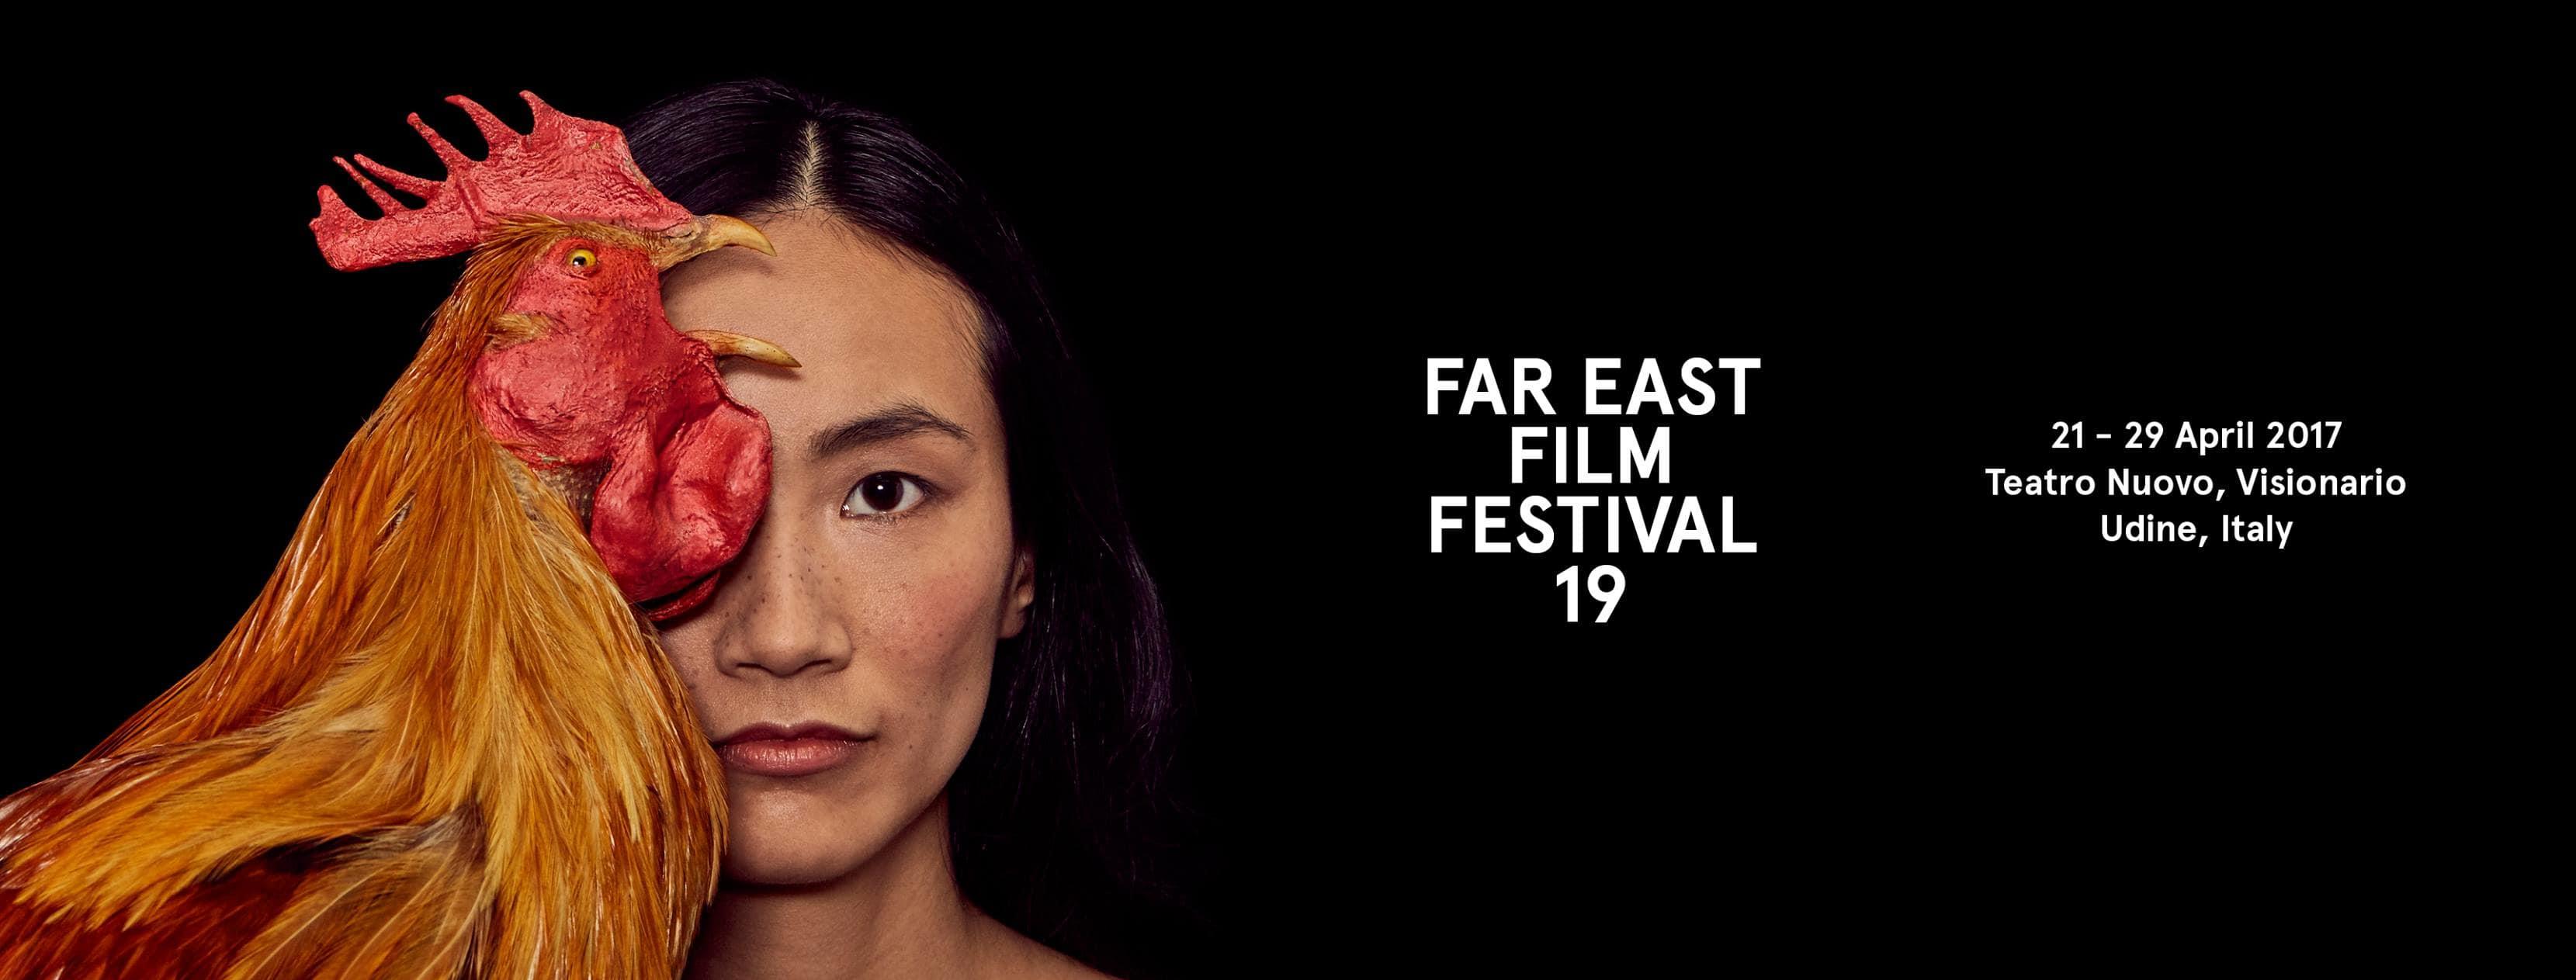 #FEFF19 Far East Film Festival 19, dal 21 - 29 aprile 2017 a Udine-2